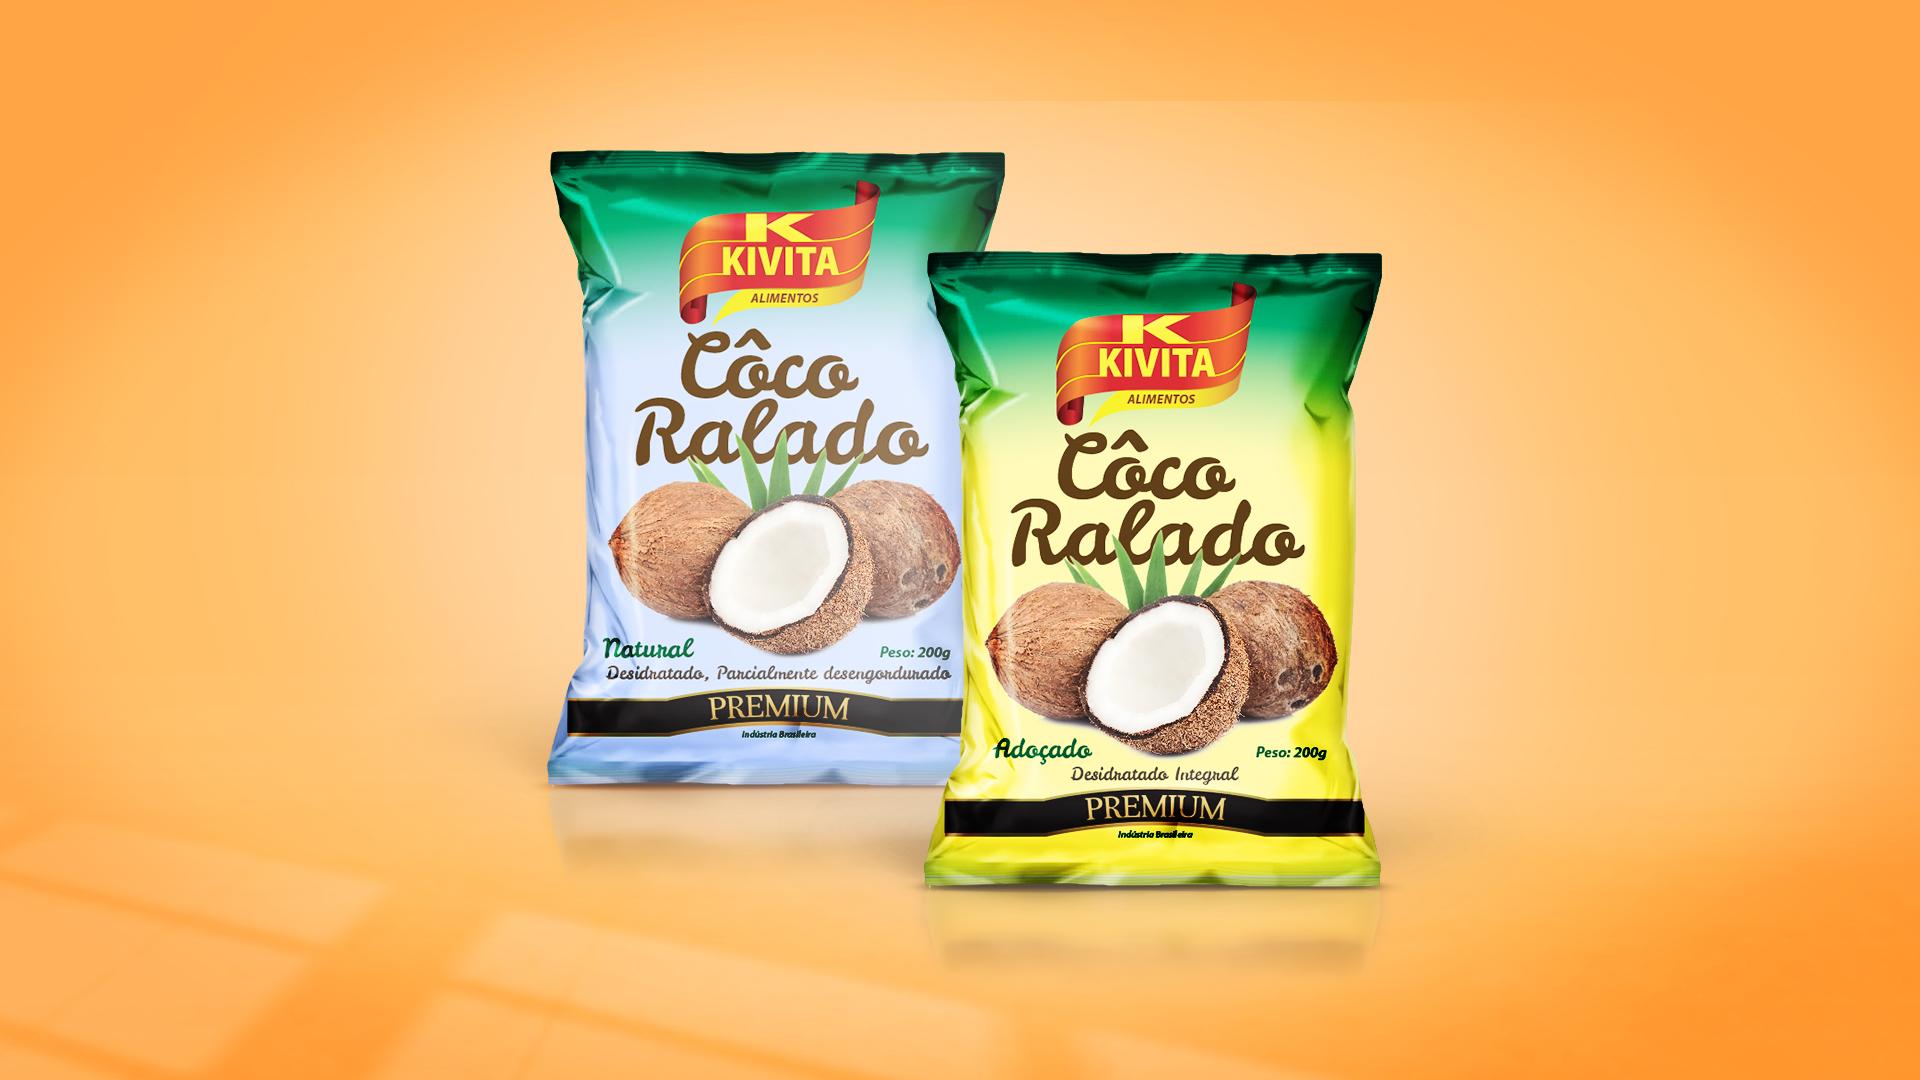 Coco-Ralado-kivita